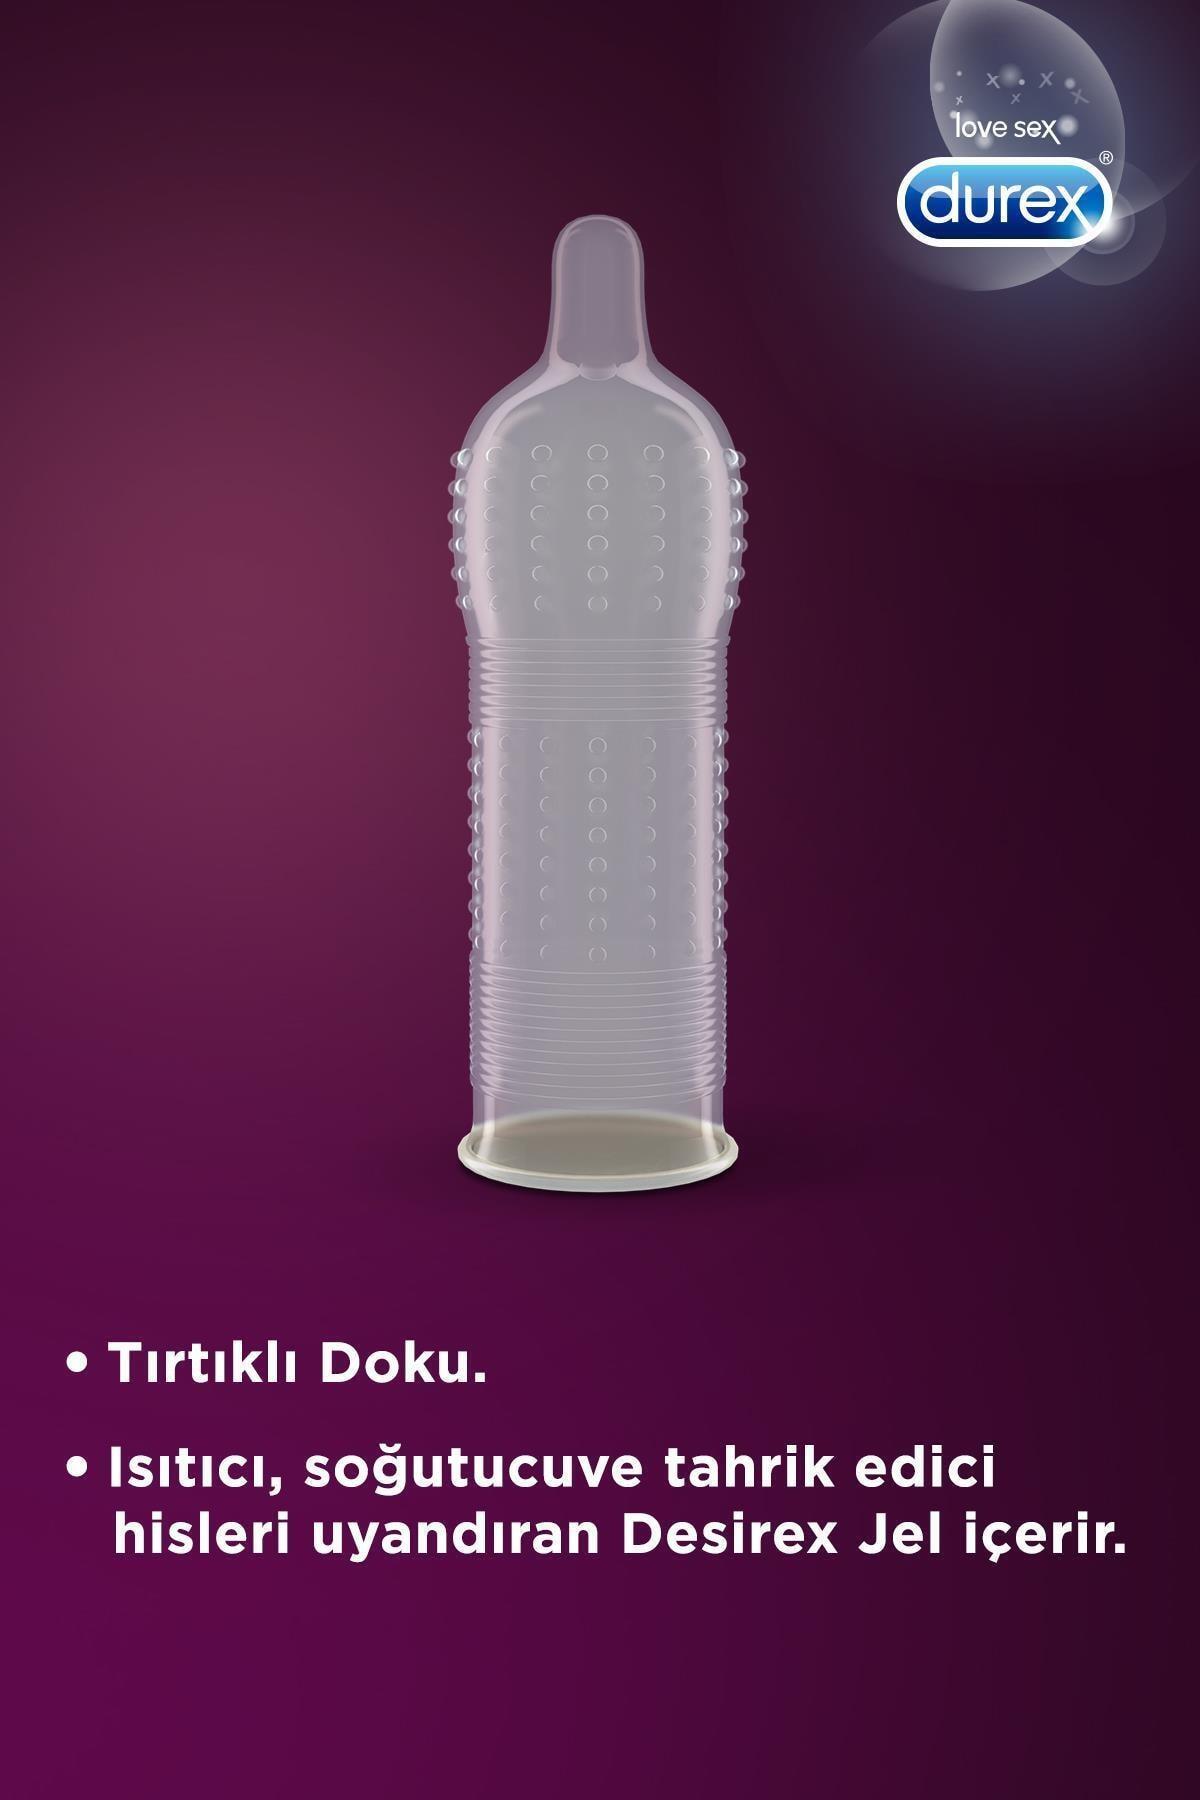 Durex Intense Prezervatif 20' Li+ Delight Bullet Vibratör 2